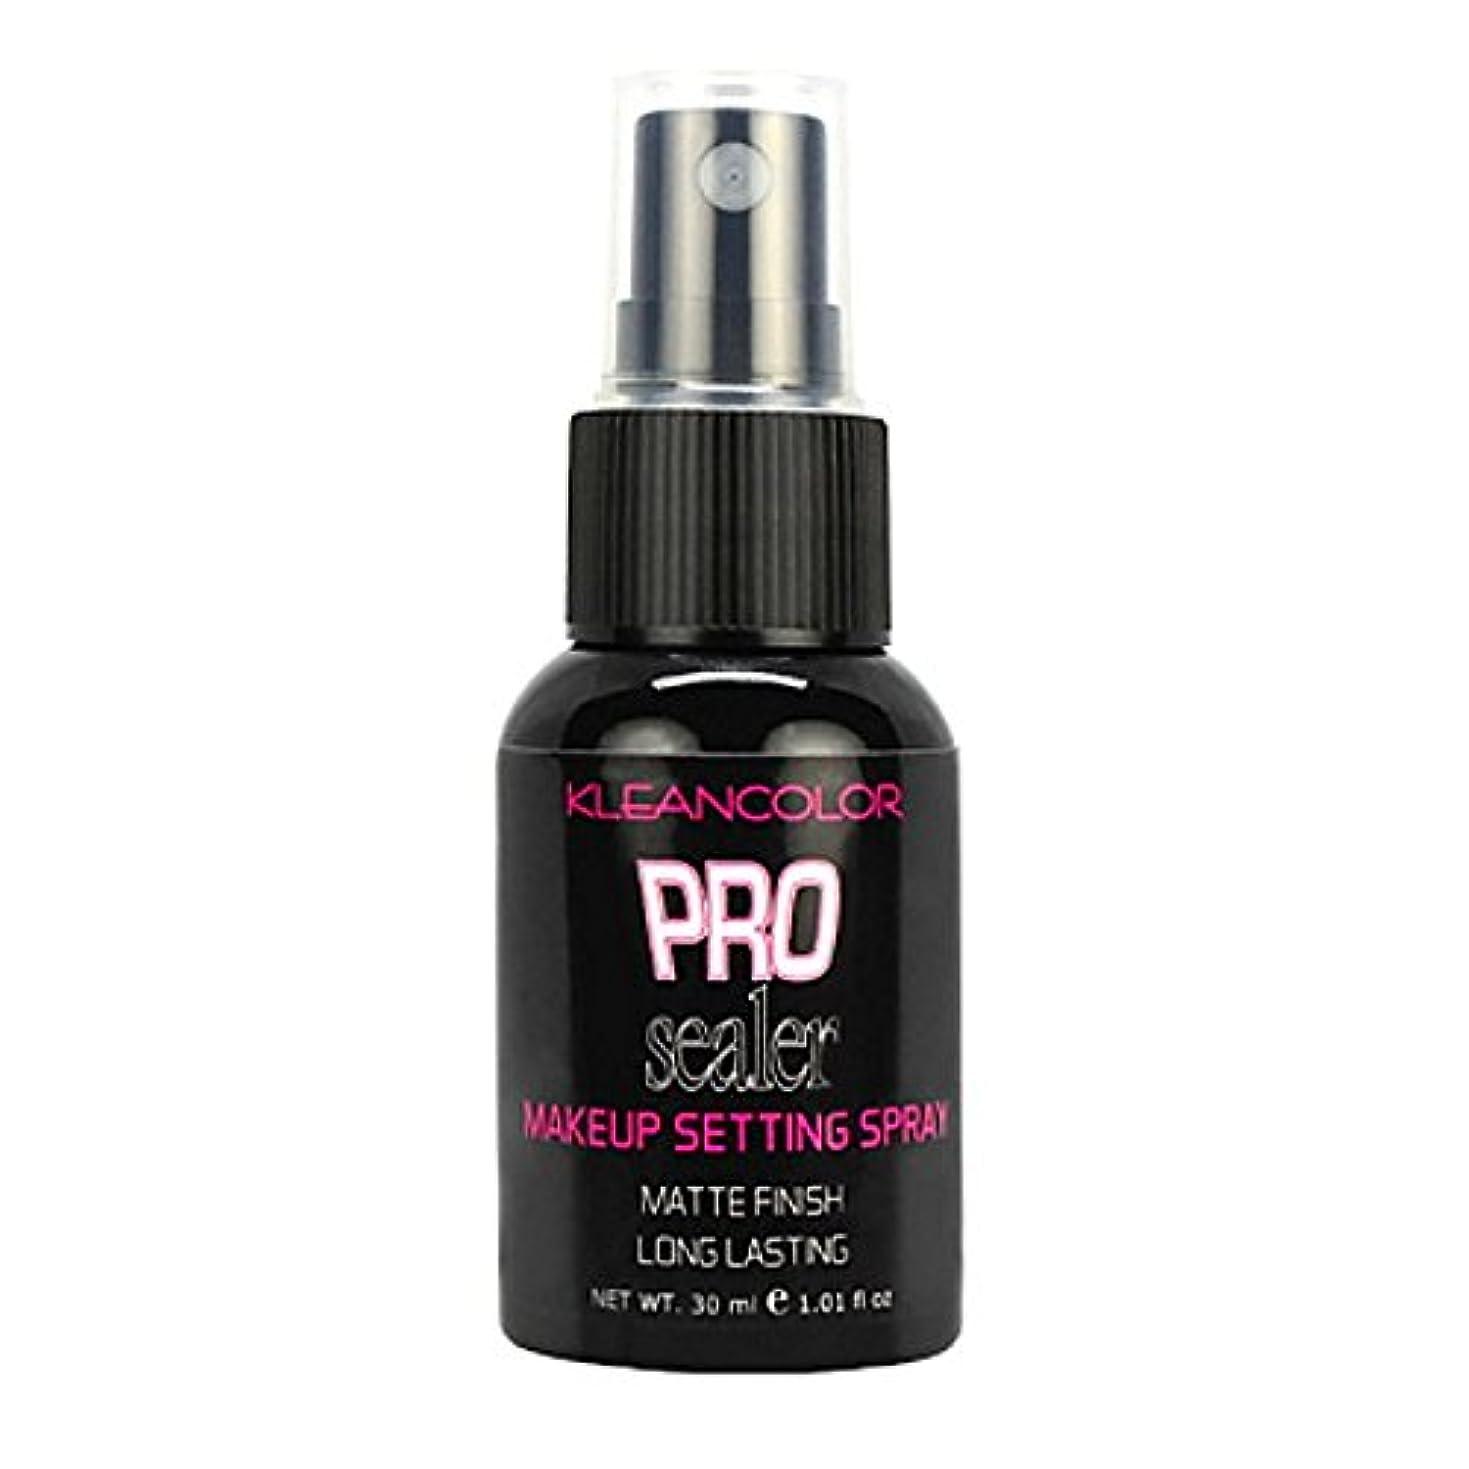 秋とんでもない保護するKLEANCOLOR Pro Sealer Makeup Setting Spray - Matte Finish (並行輸入品)